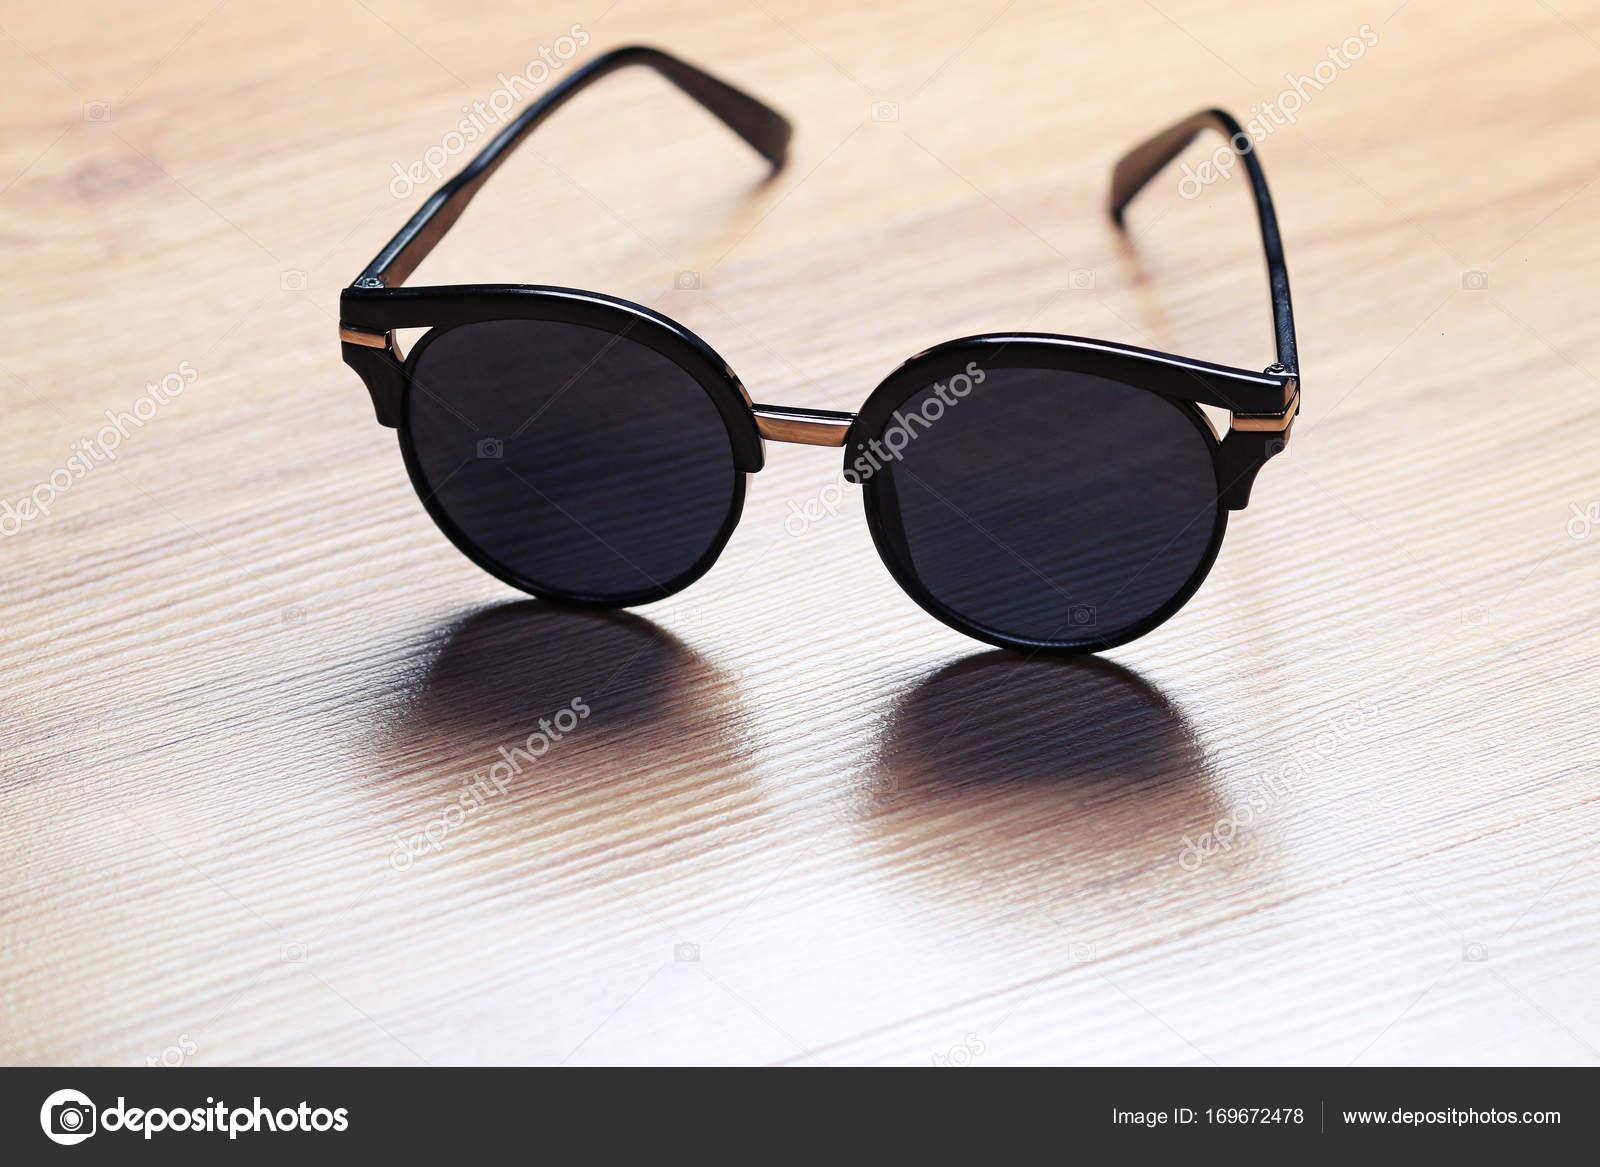 6591a5ae9f Gafas de sol en la mesa de madera — Foto de stock © DigitalMagus ...